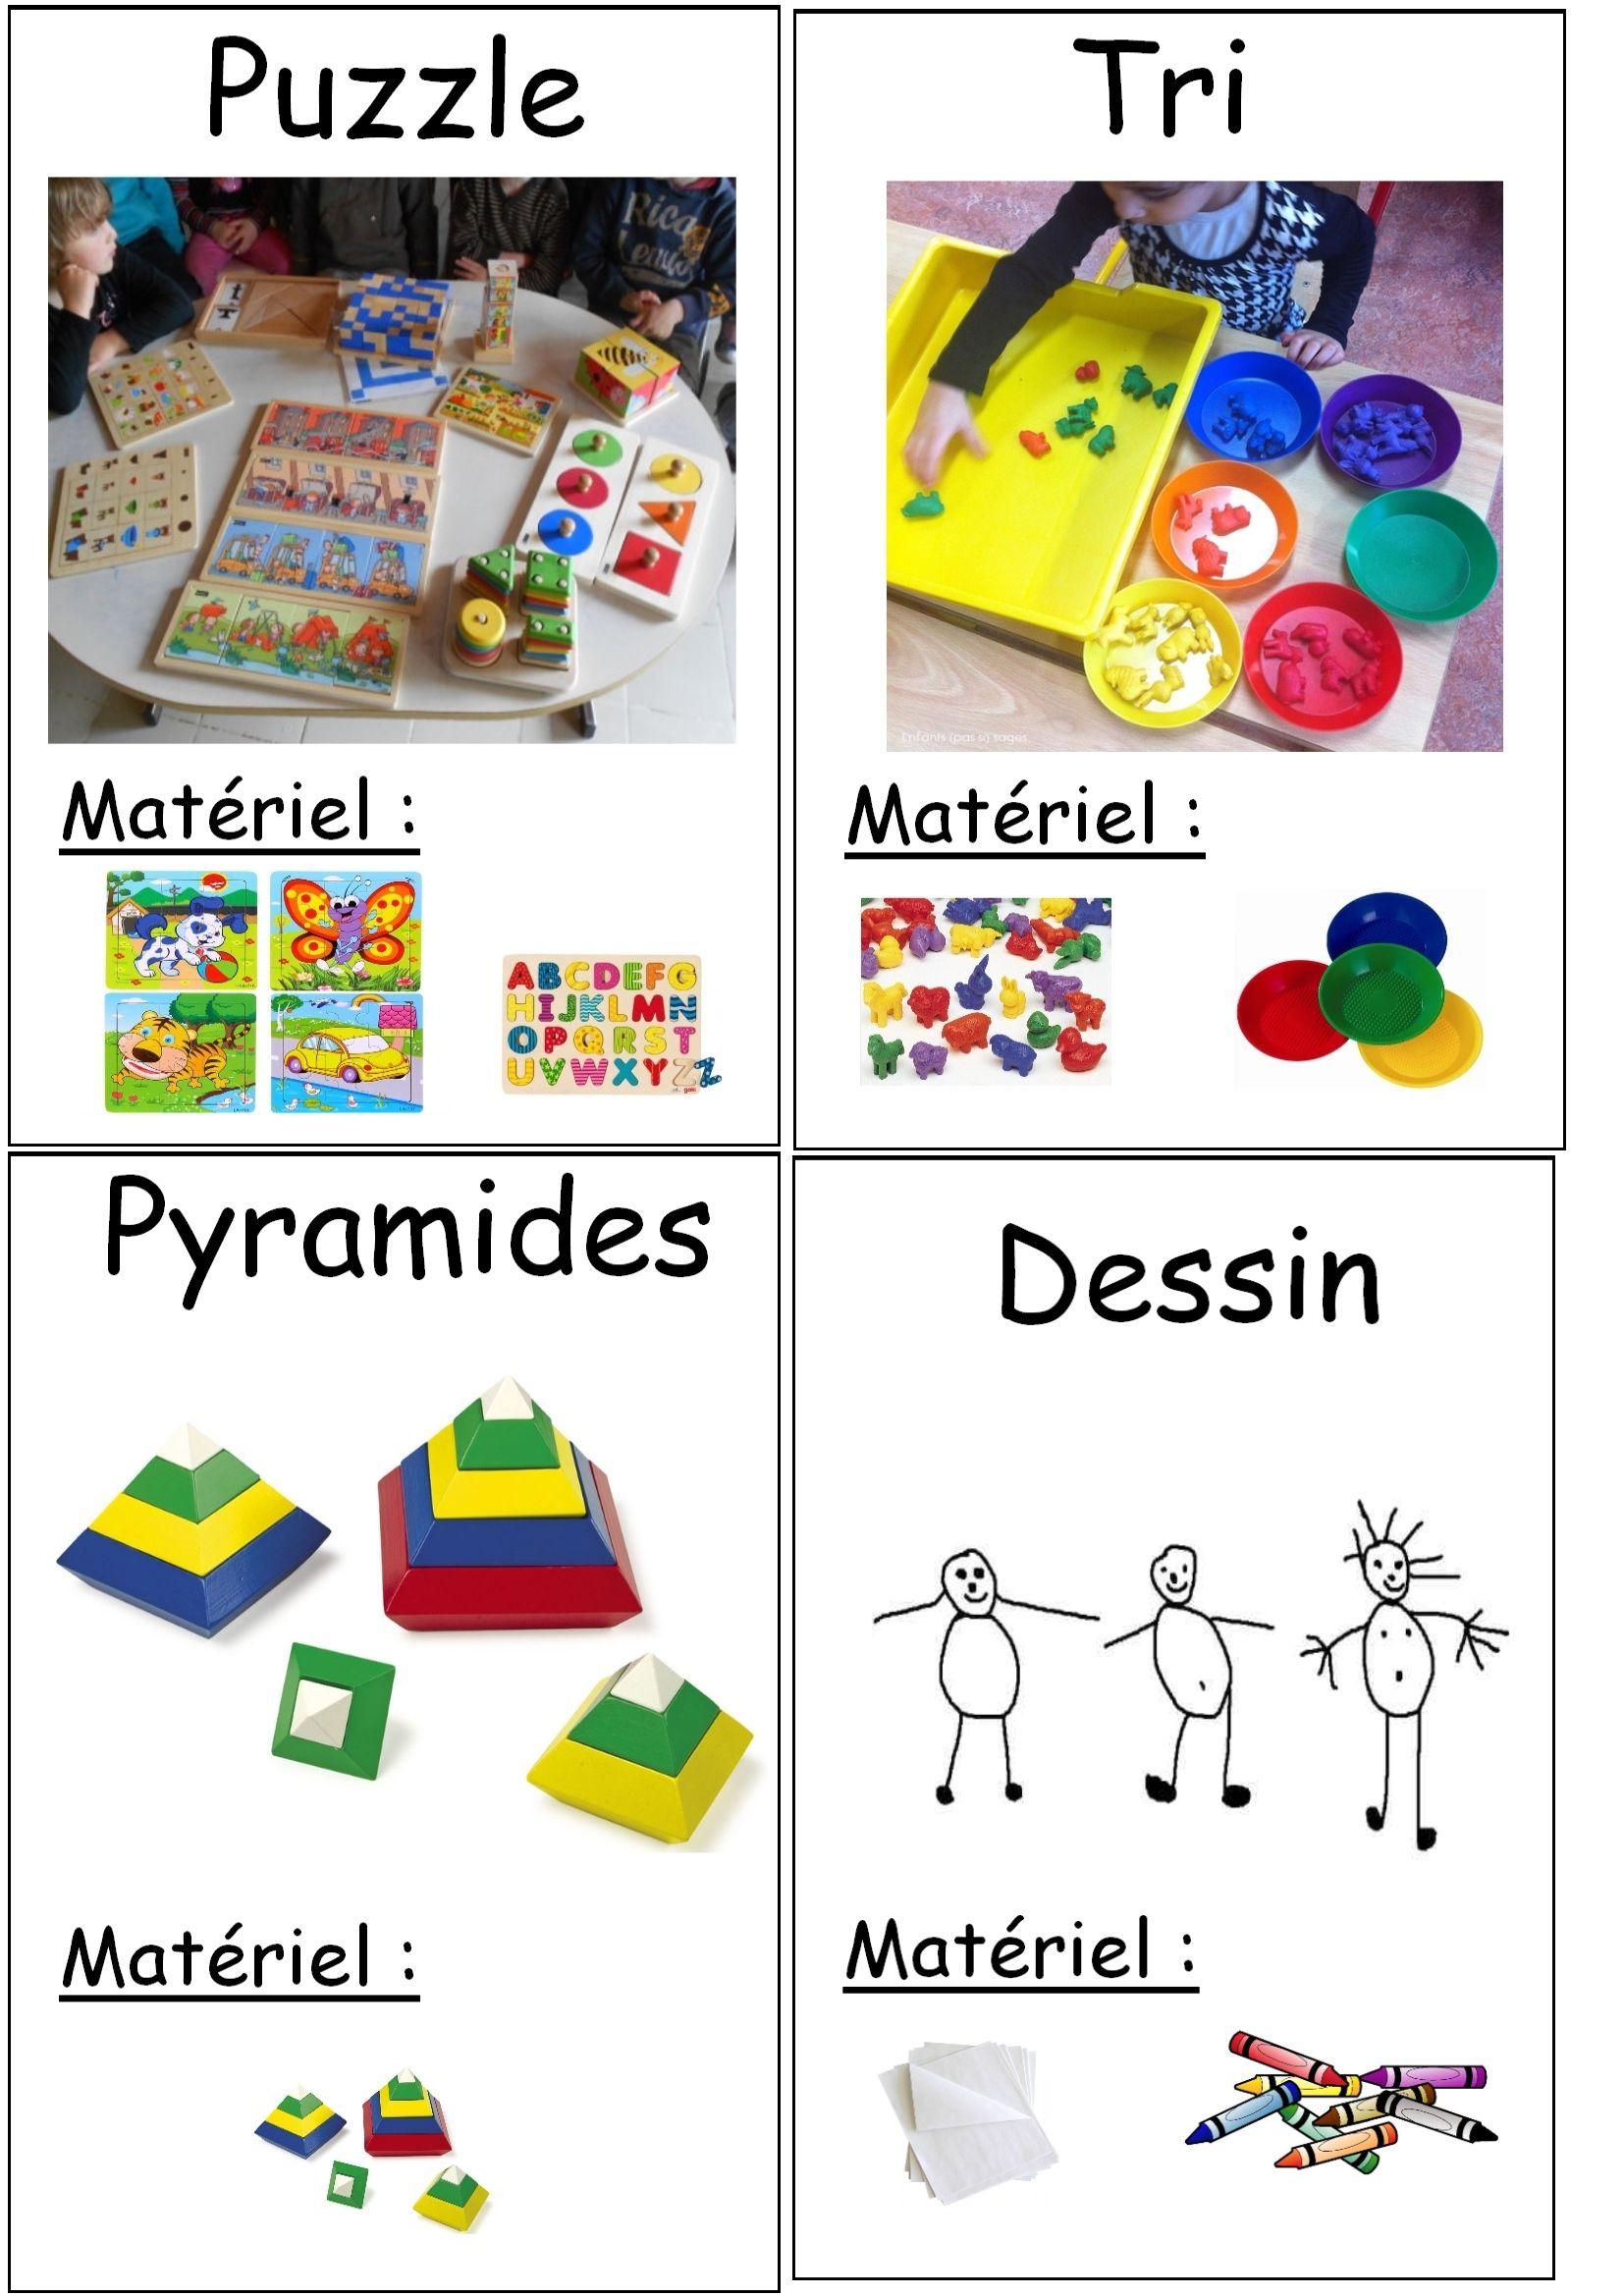 Fiches ateliers poser activit s manuelles pinterest - Image classe maternelle ...